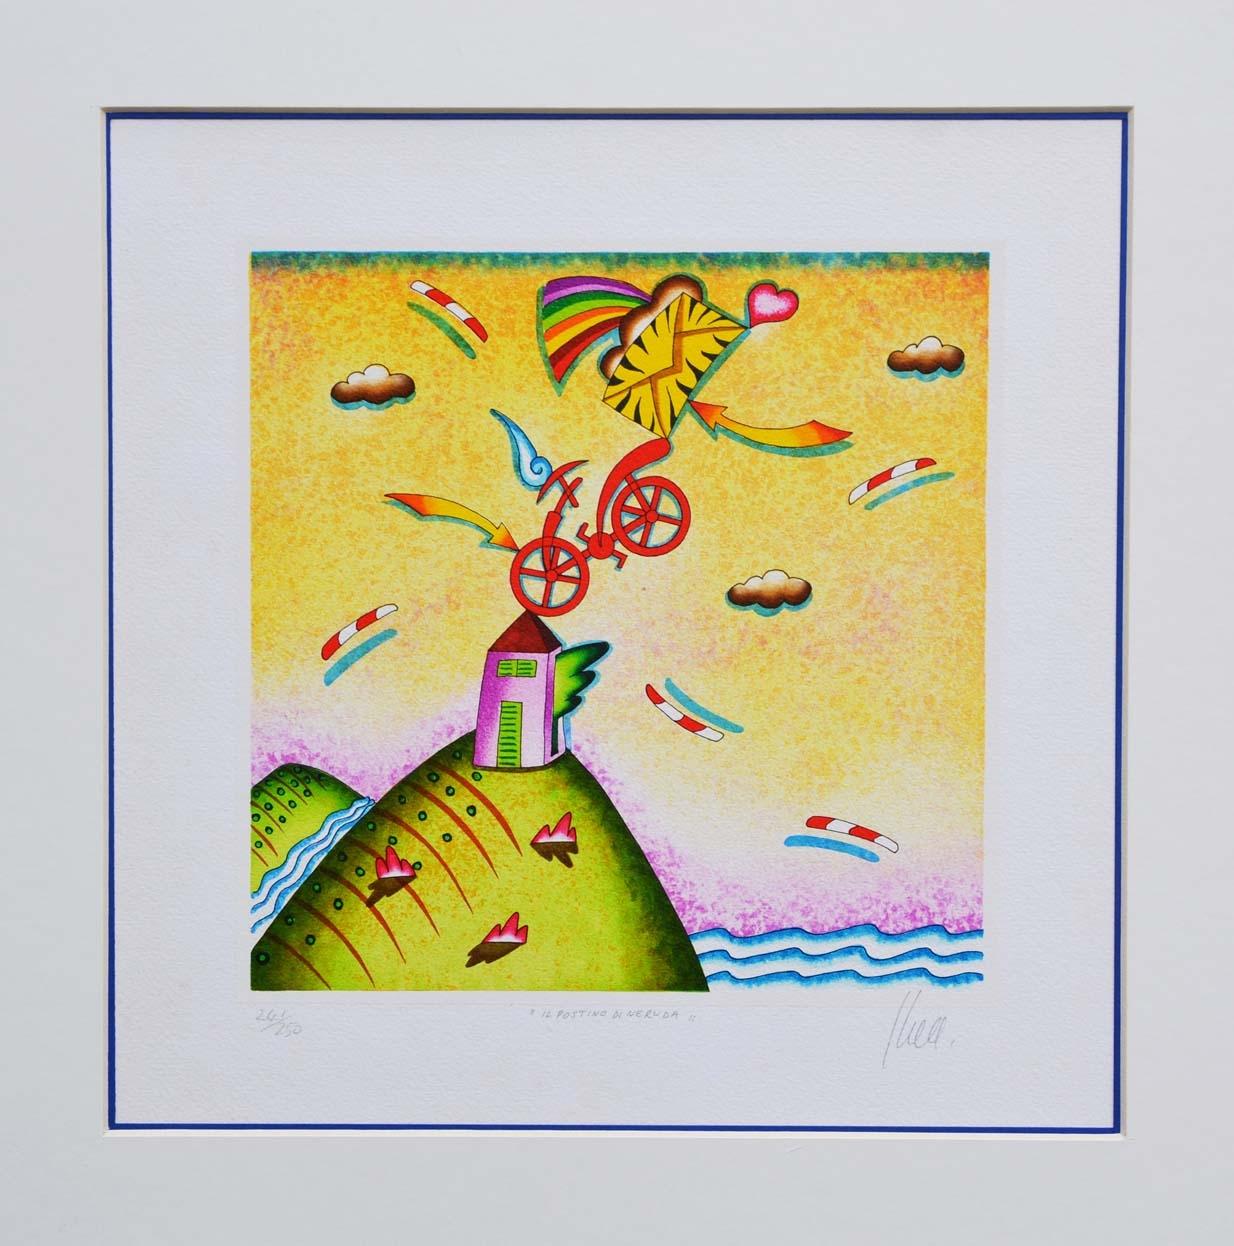 GHELLI GIULIANO, Il Postino di Neruda, Formato cm 29x29